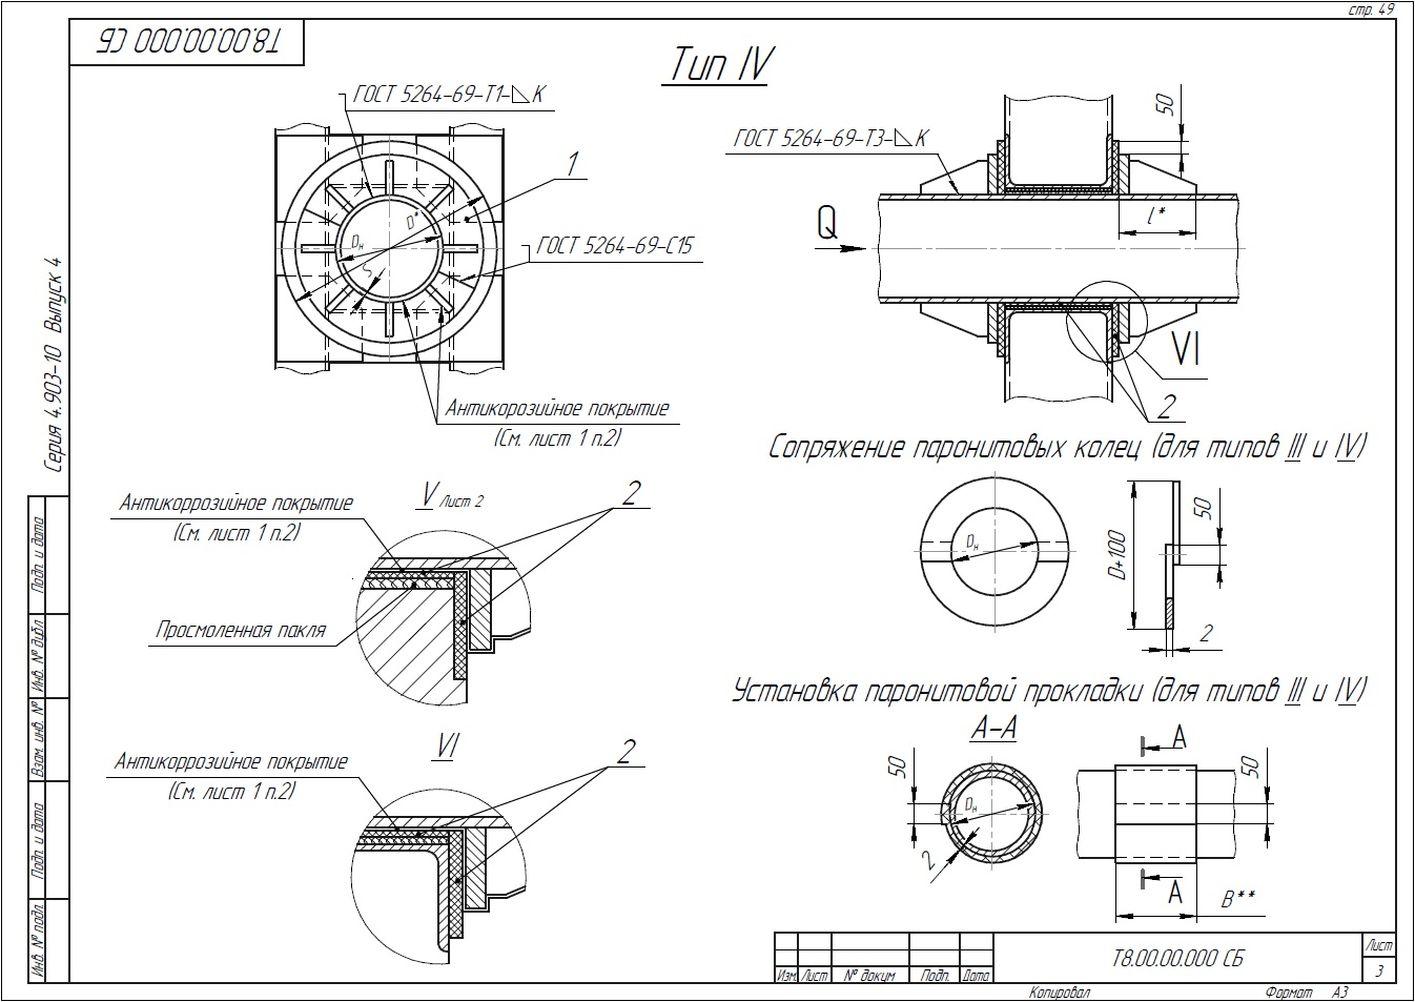 Опора неподвижная щитовая Т8 серия 4.903-10 вып.4 стр.3